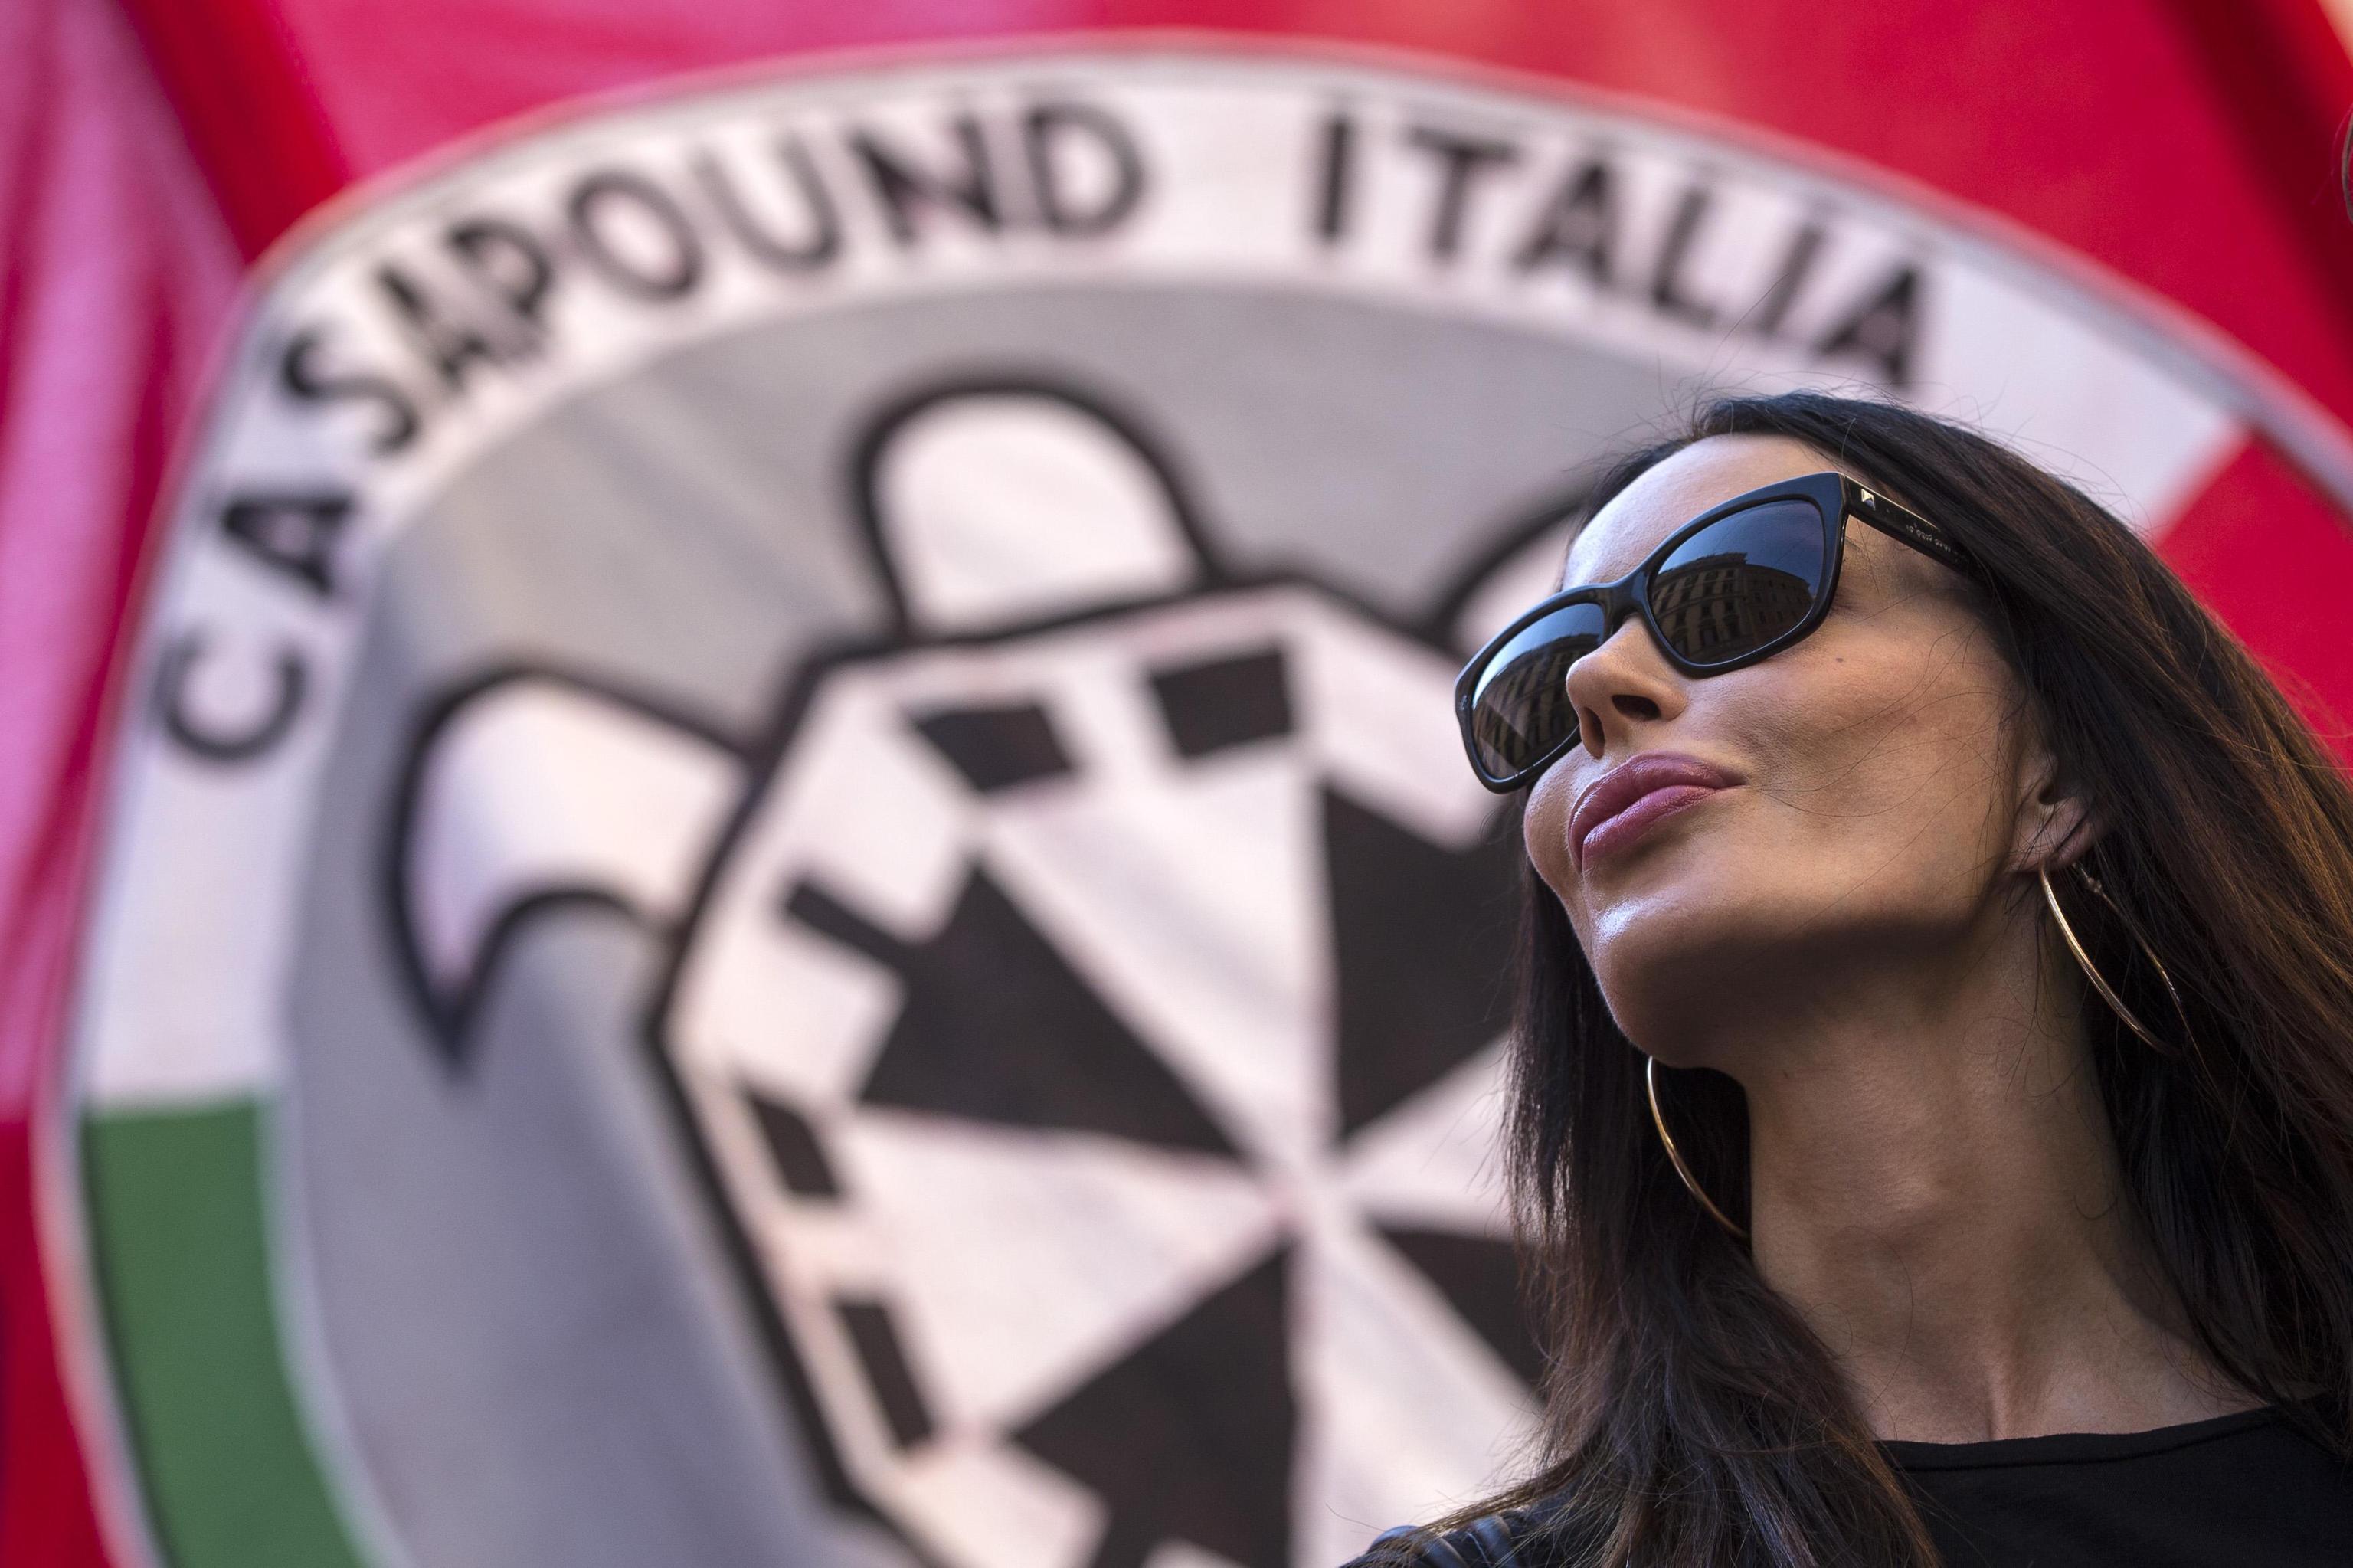 Nina Moric si candida a sindaco di Torre del Greco, dopo l'arresto del primo cittadino